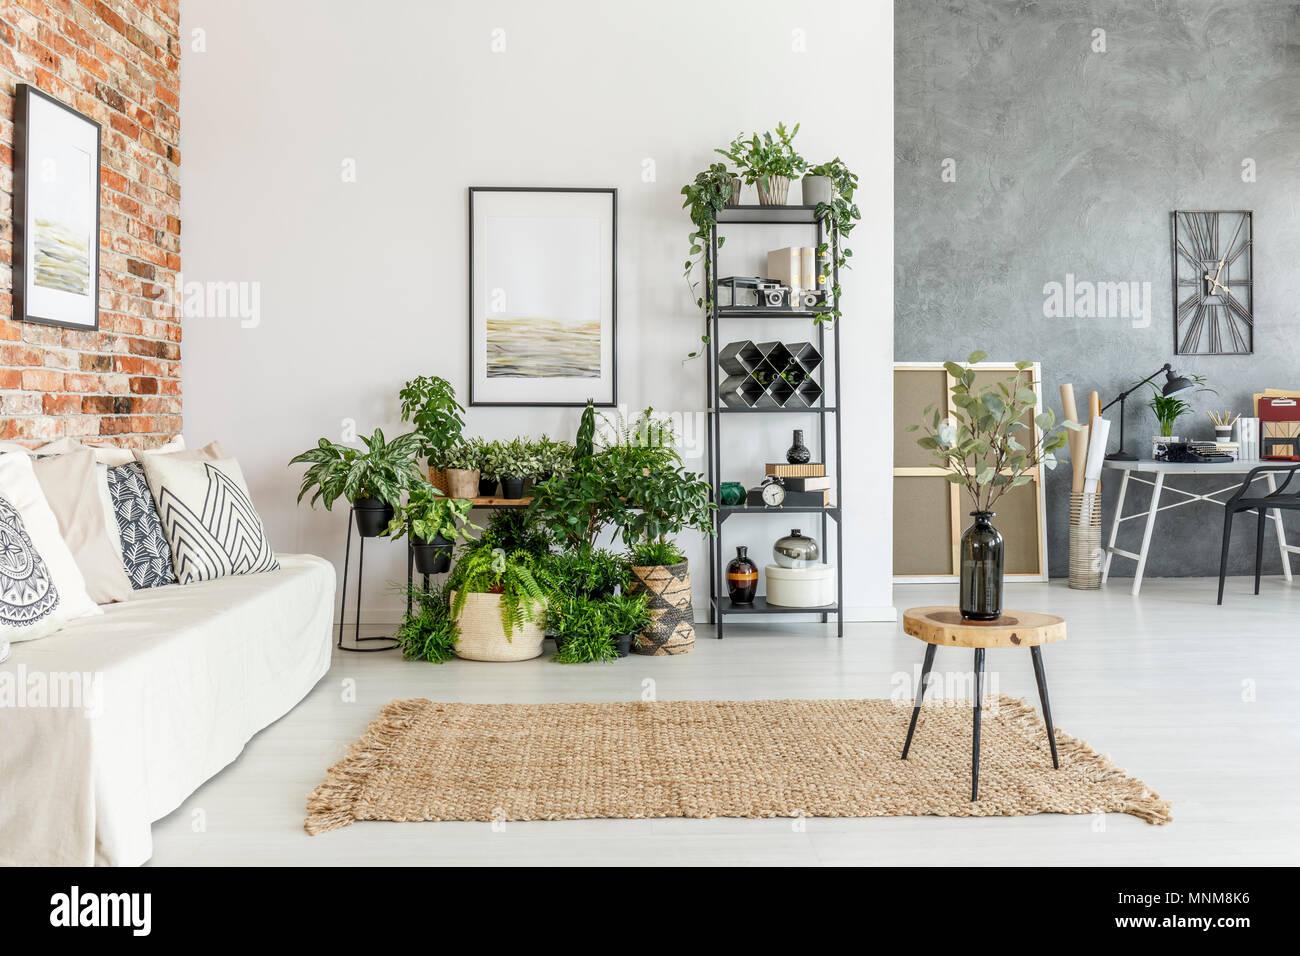 Salón de espacio abierto en la pared de ladrillo con plantas y moderno espacio de estudio Imagen De Stock